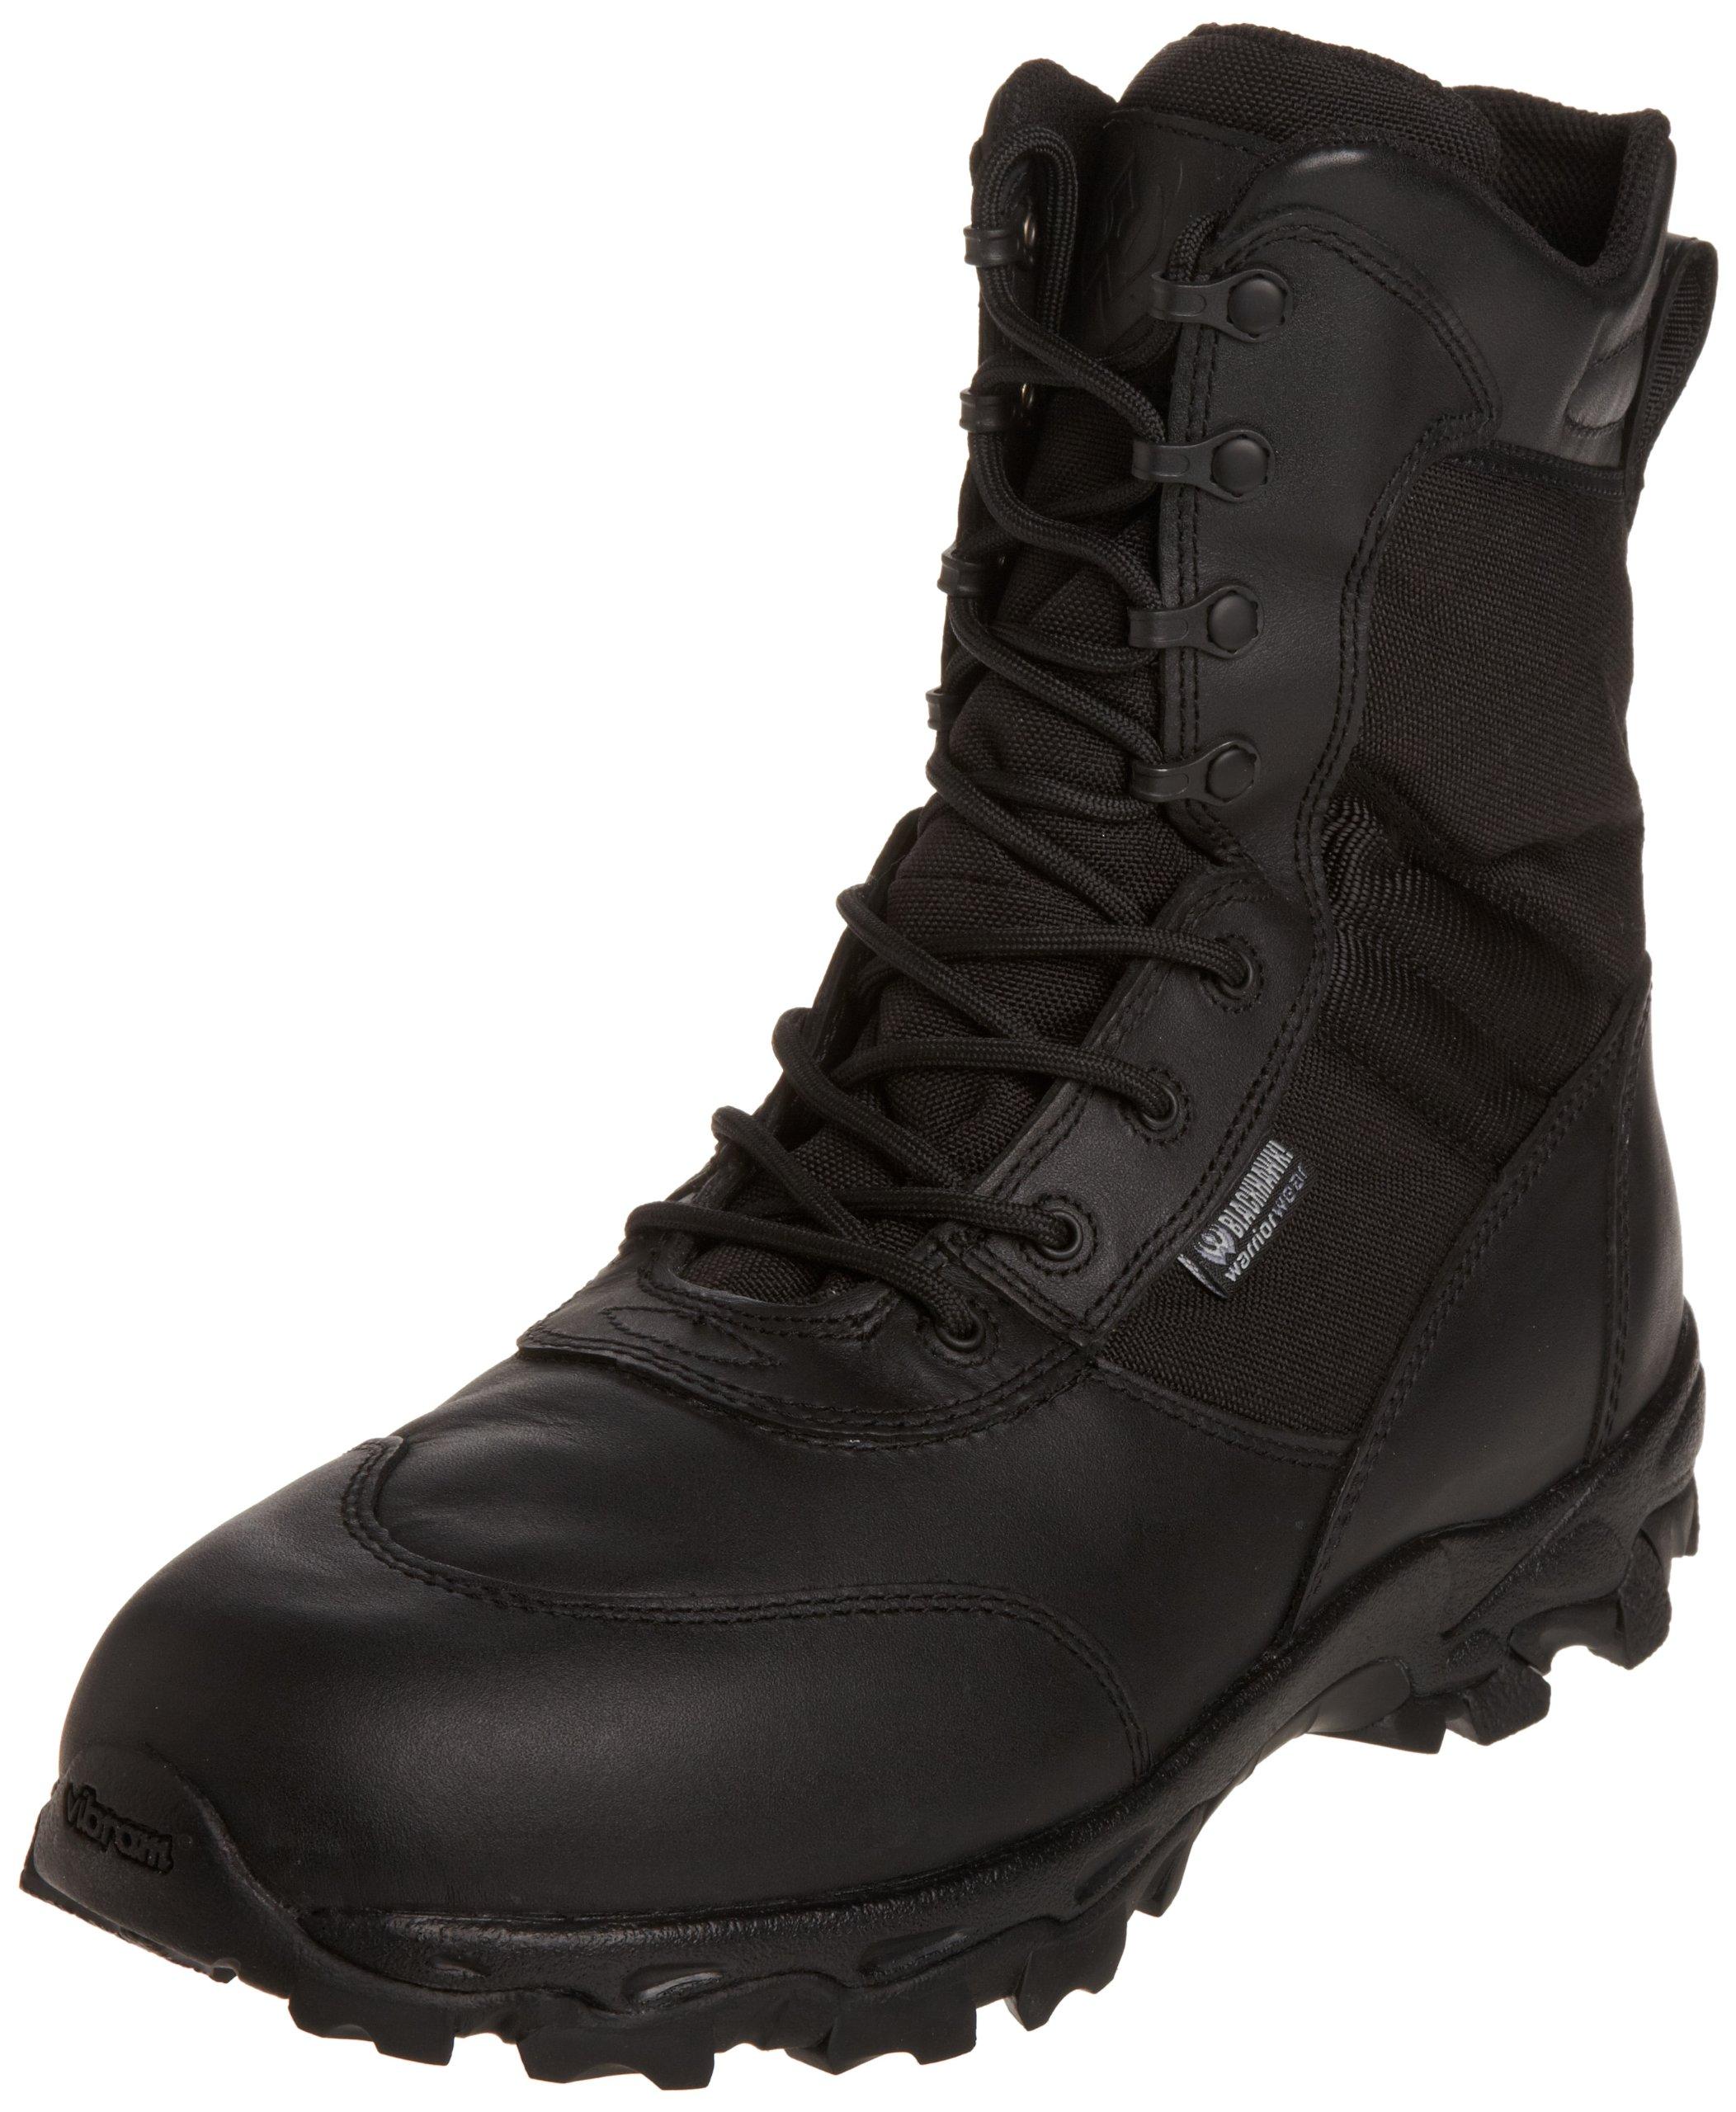 Blackhawk Men's Warrior Wear Black Ops Boots ,Black, 11.5 M US by BLACKHAWK!